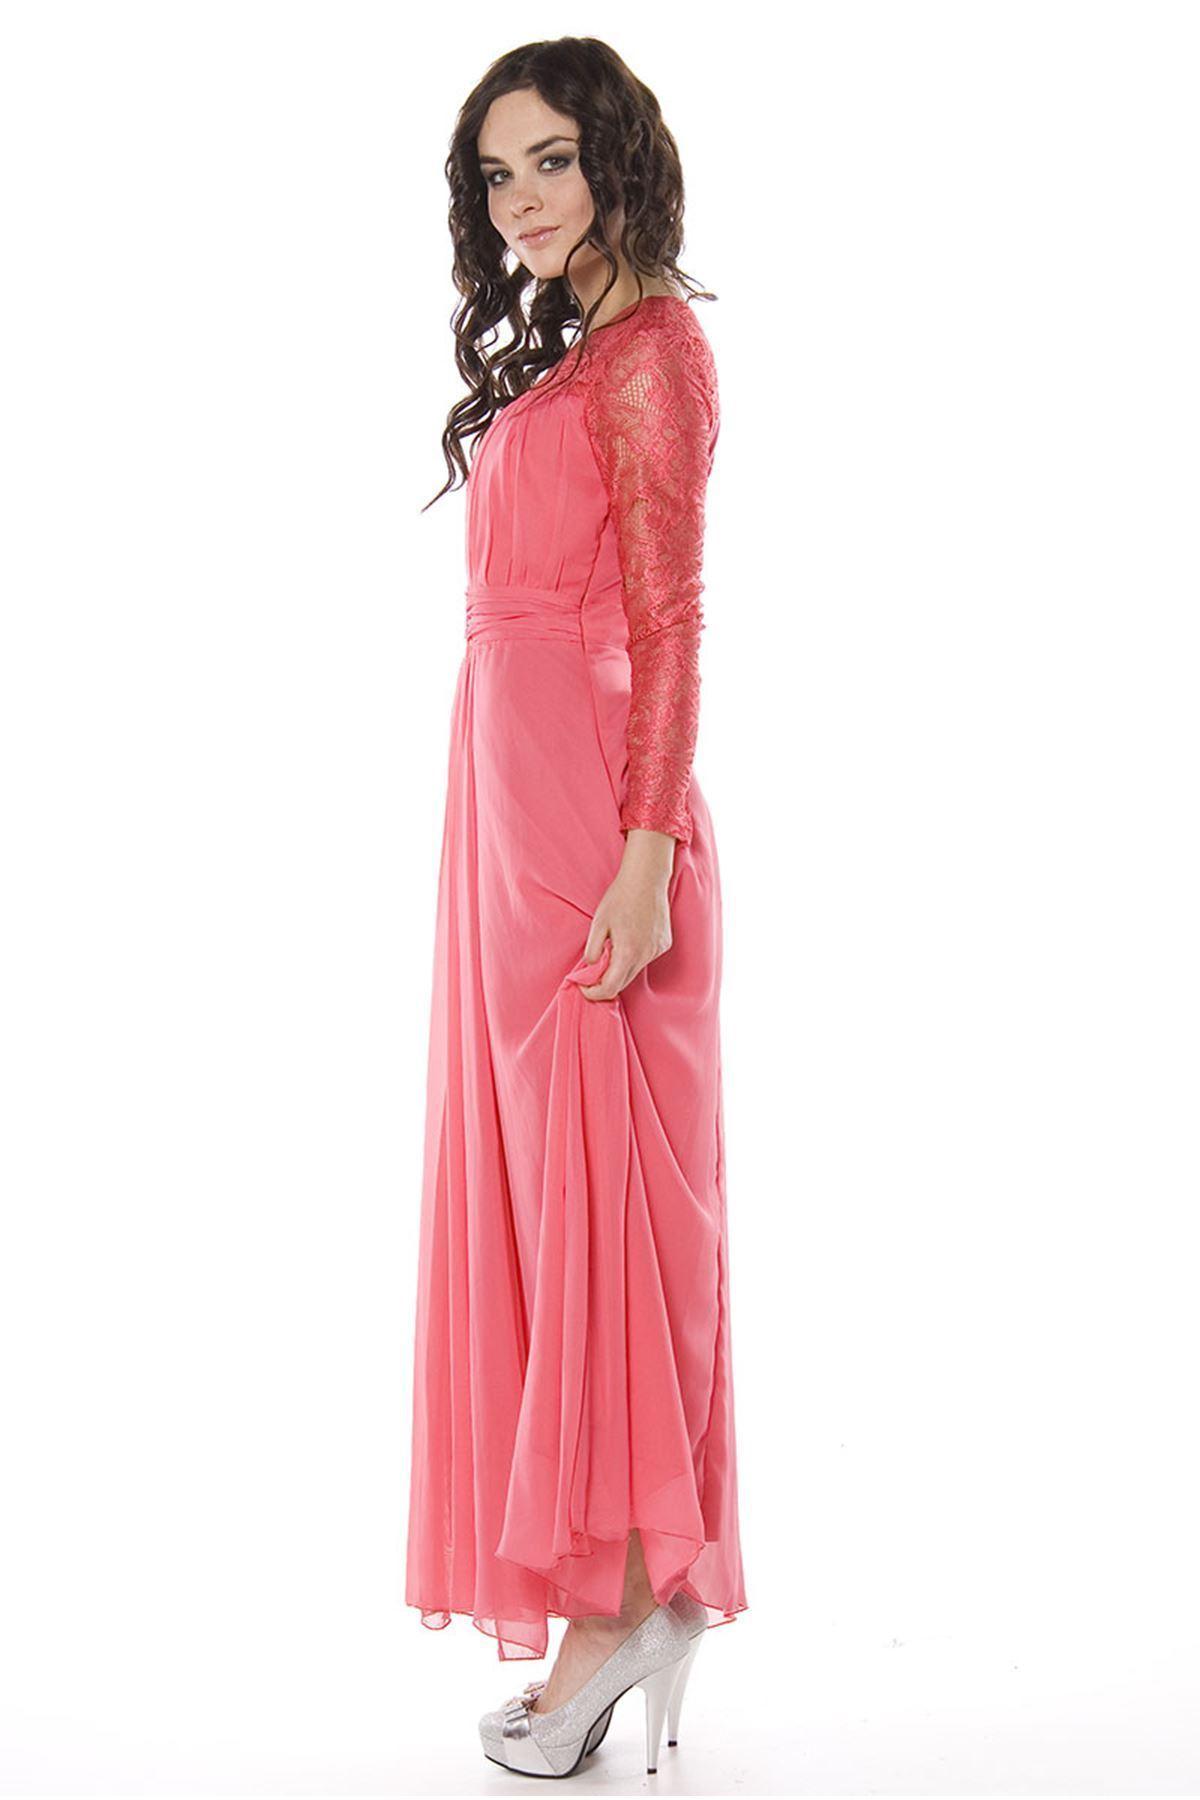 Narçiçeği Dantelli Uzun Elbise I8-82325